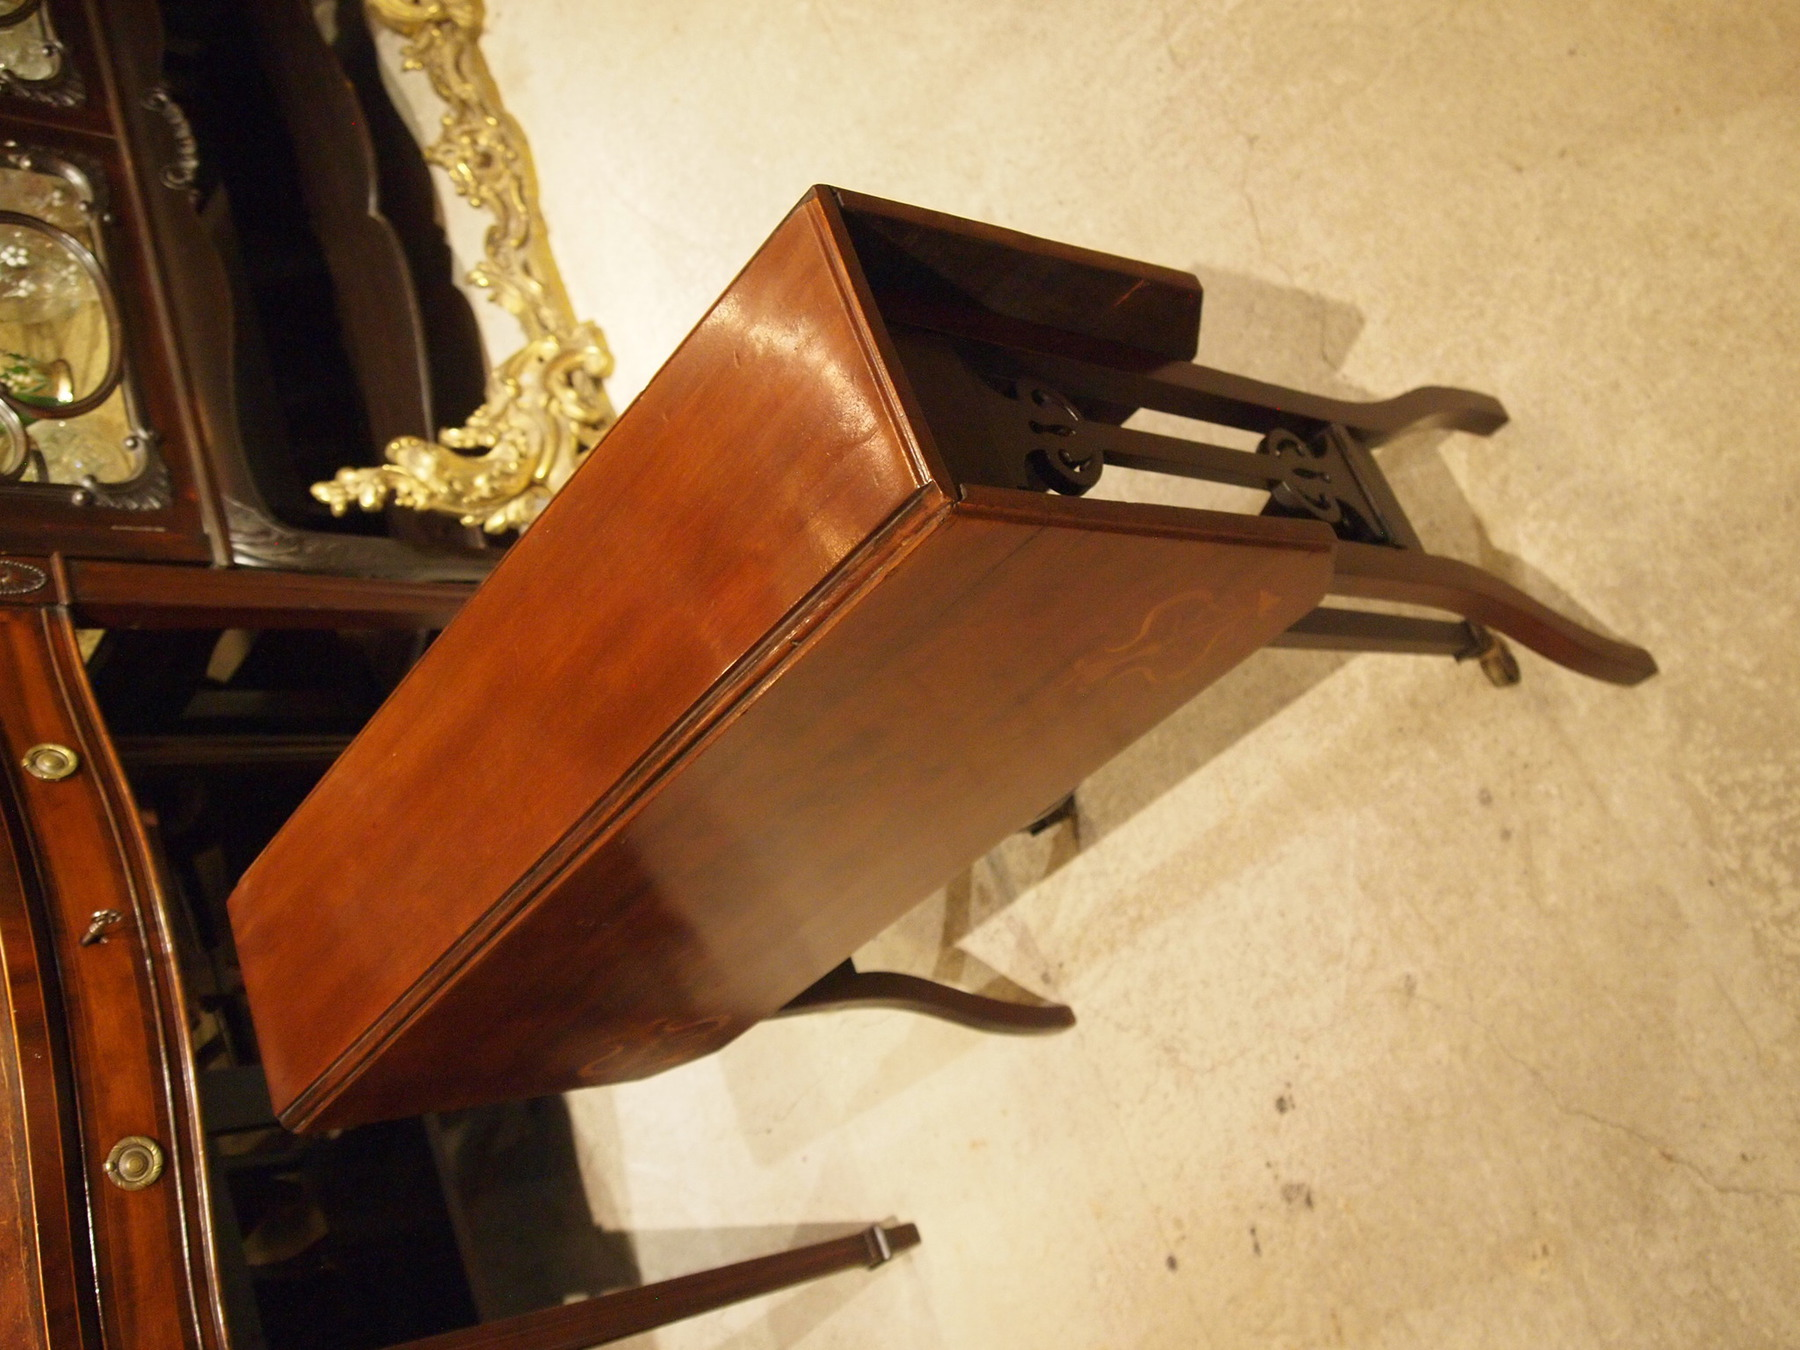 table201016a_09.JPG